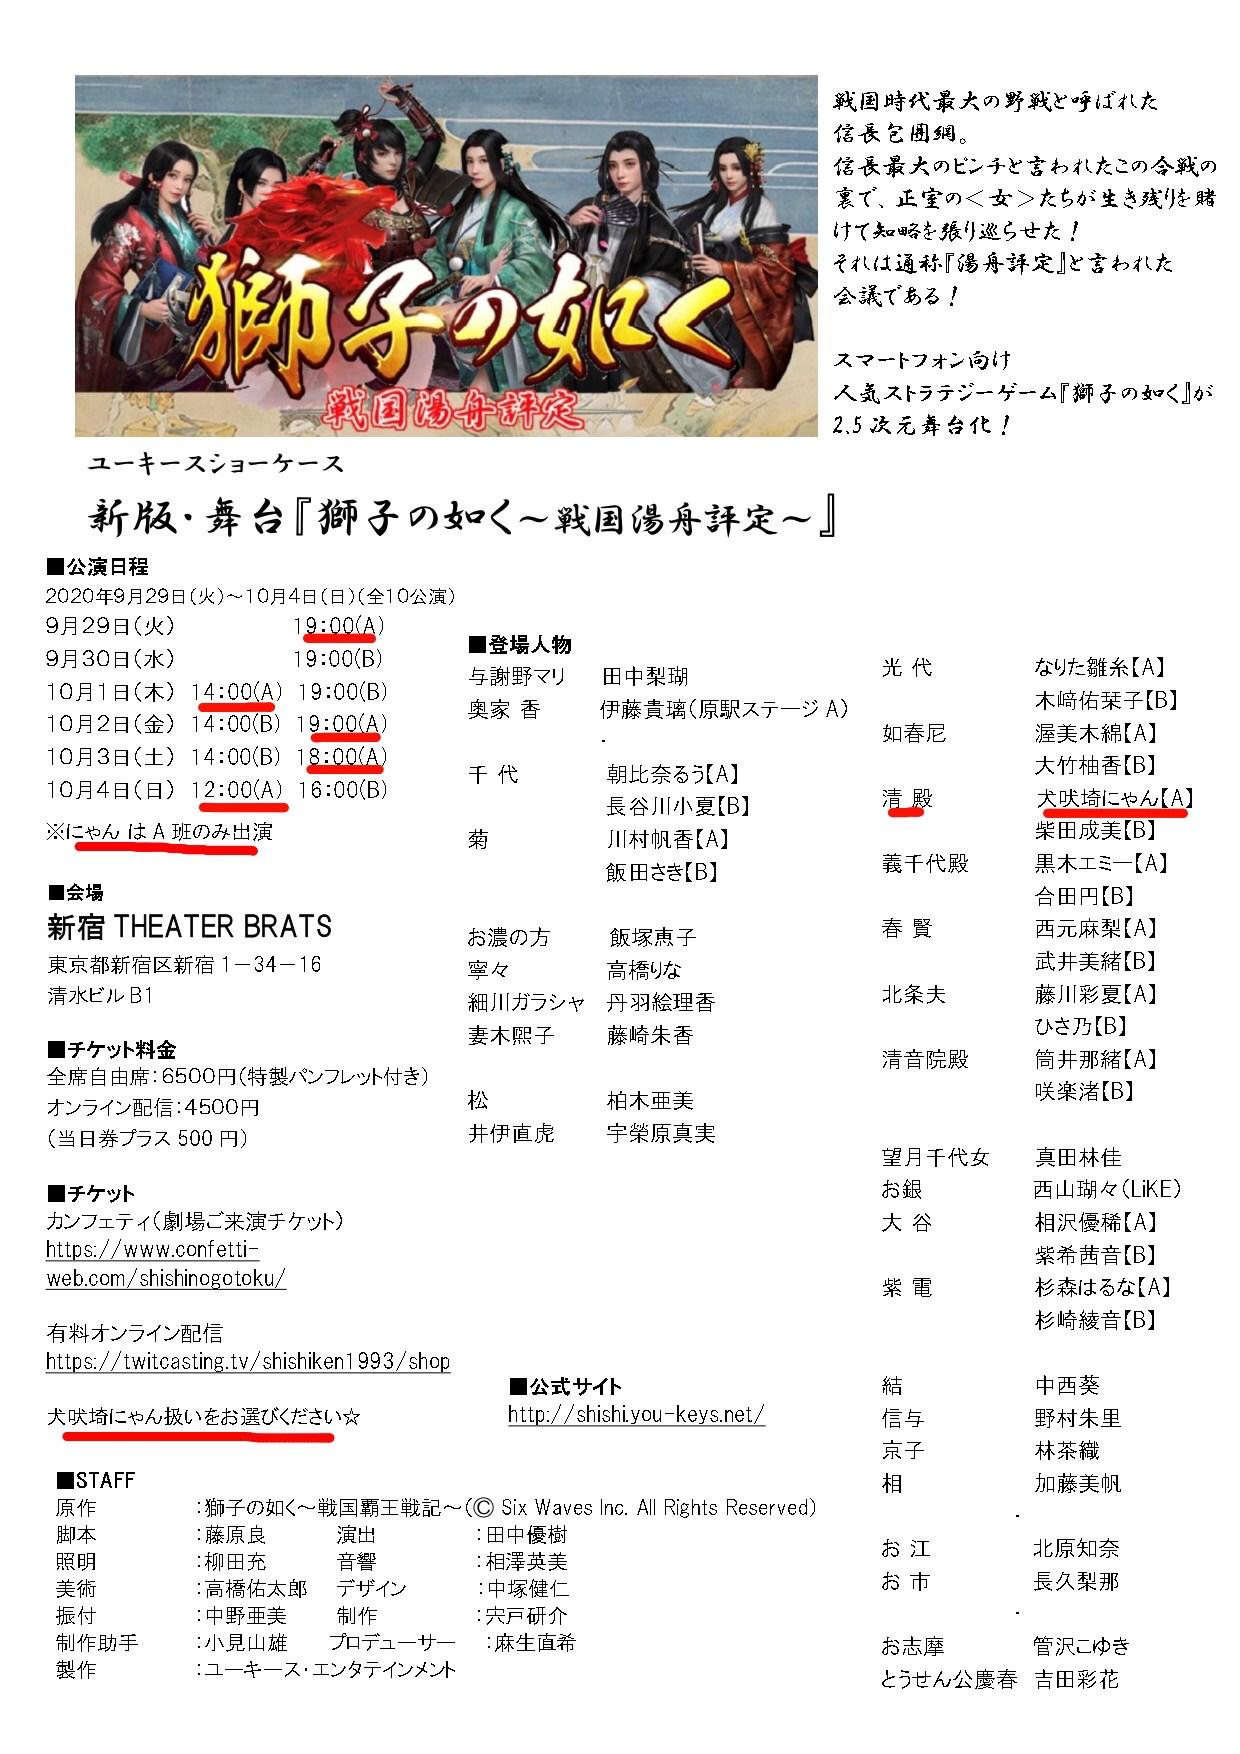 【犬吠埼にゃん出演】新版・舞台『獅子の如く~戦国湯舟評定~』